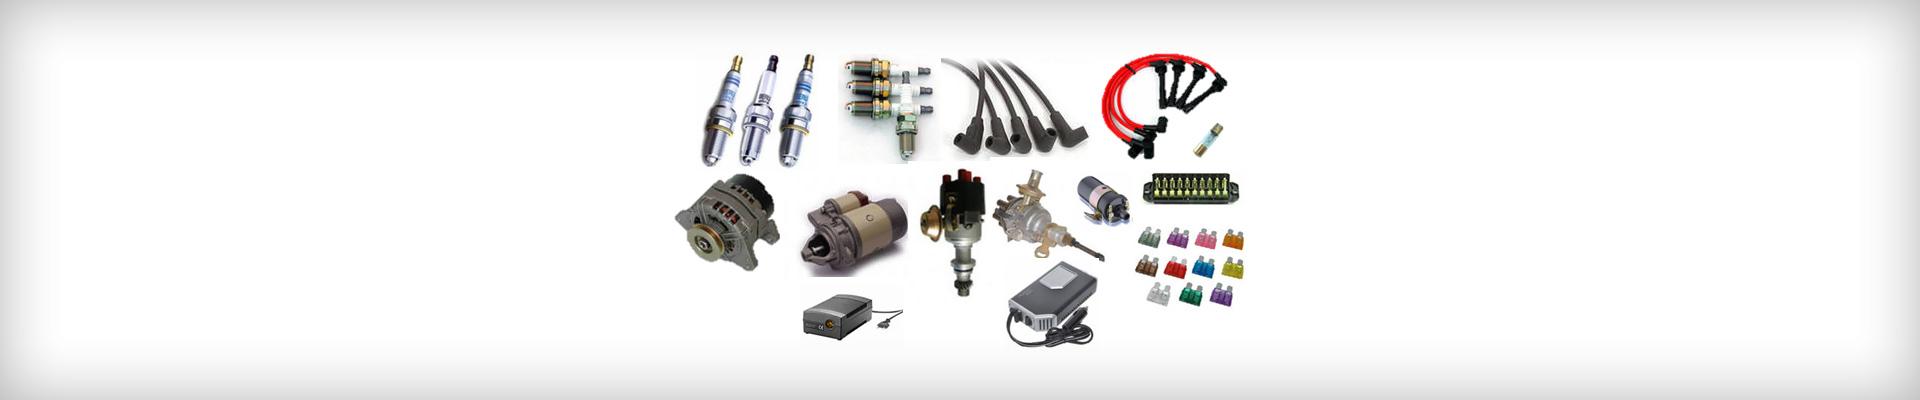 Электрооборудование и комплектующие к ним